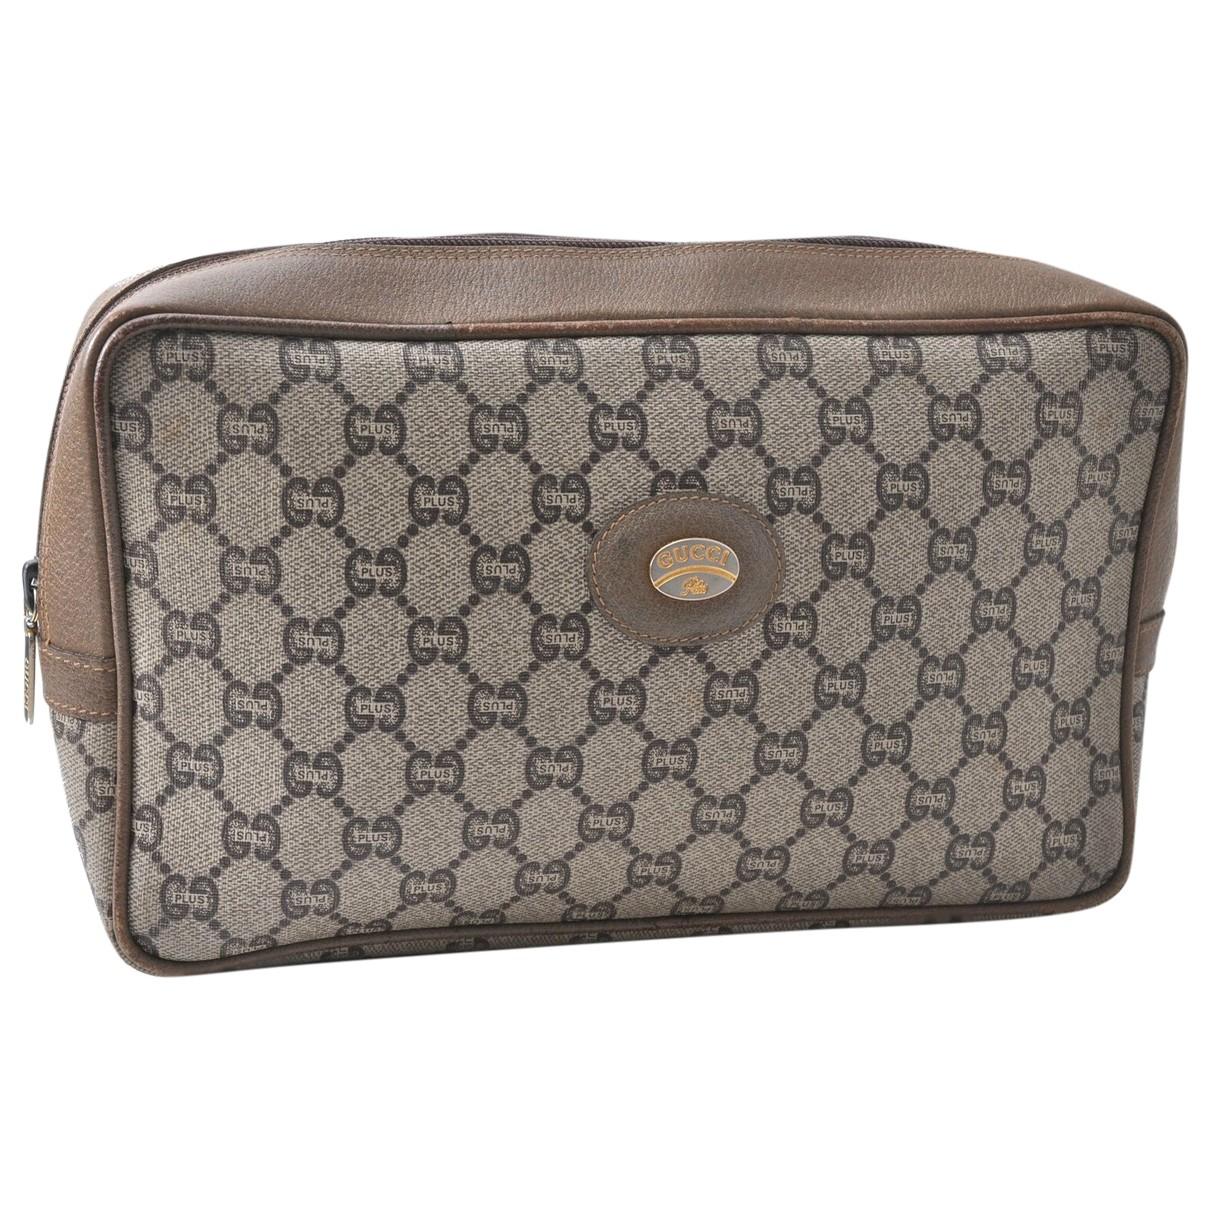 Bolsos clutch en Plastico Marron Gucci